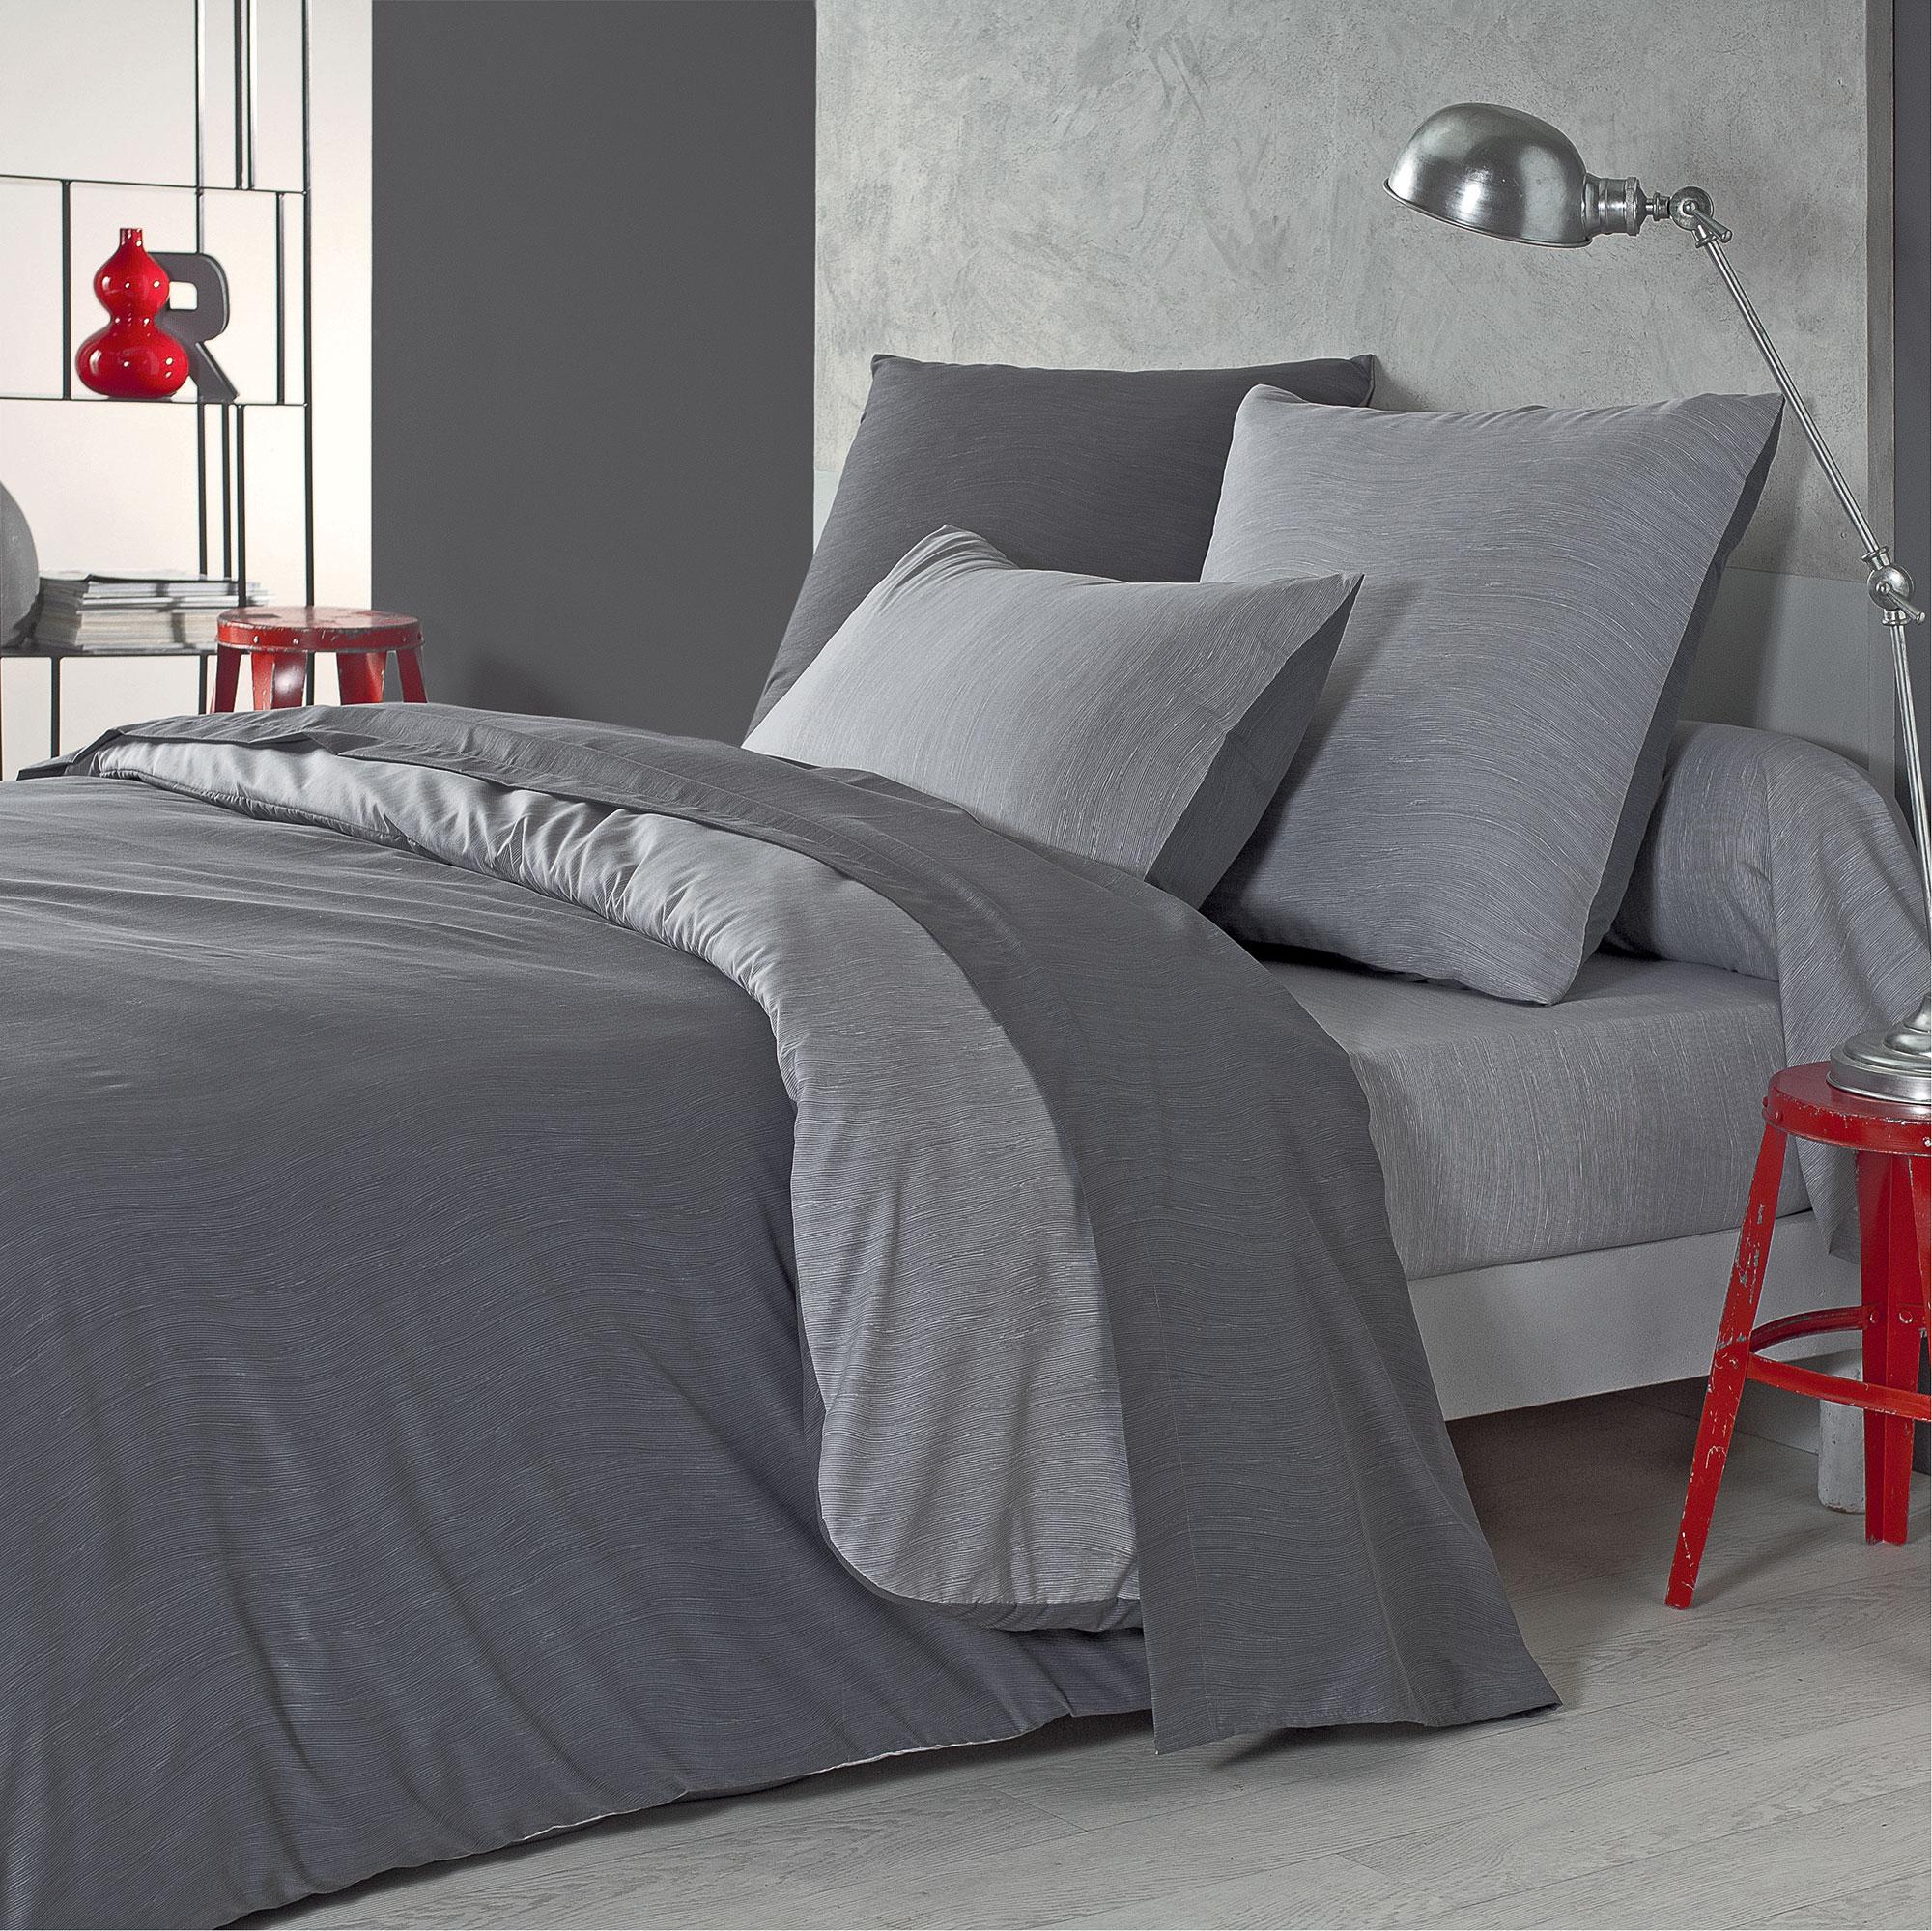 Parure de lit bicolore en polyester gris 200x200